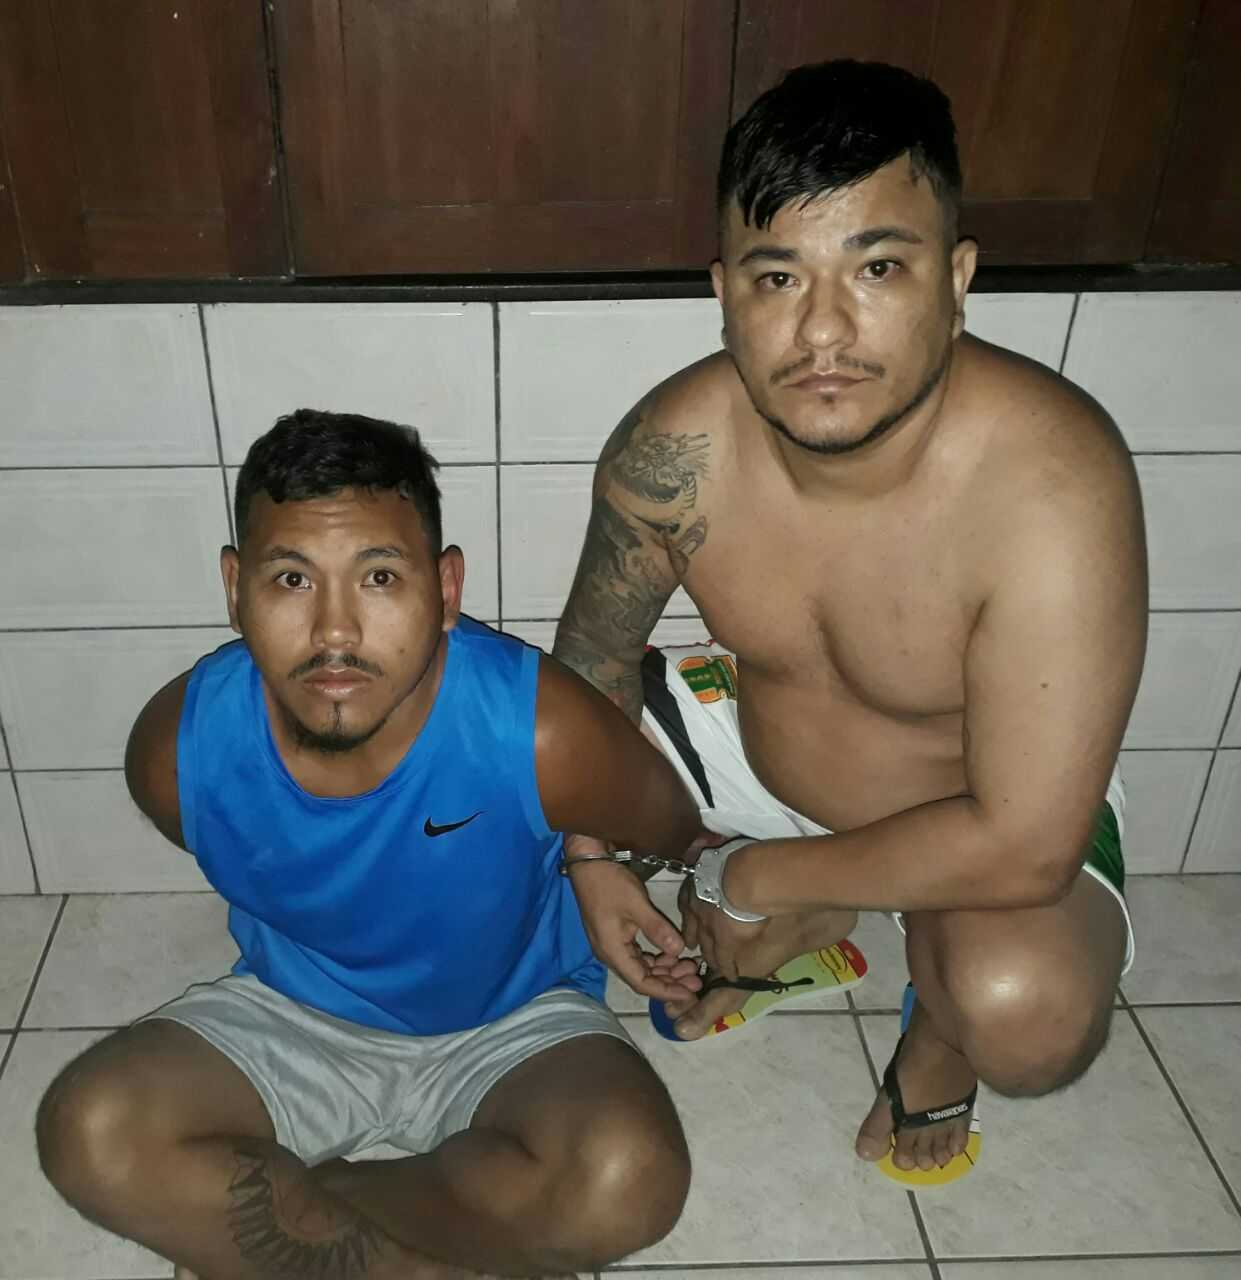 Divulgado fotos dos integrantes da alta cúpula da FDN presos nesta manhã na Operação Resposta / Divulgação Portal do Capitão